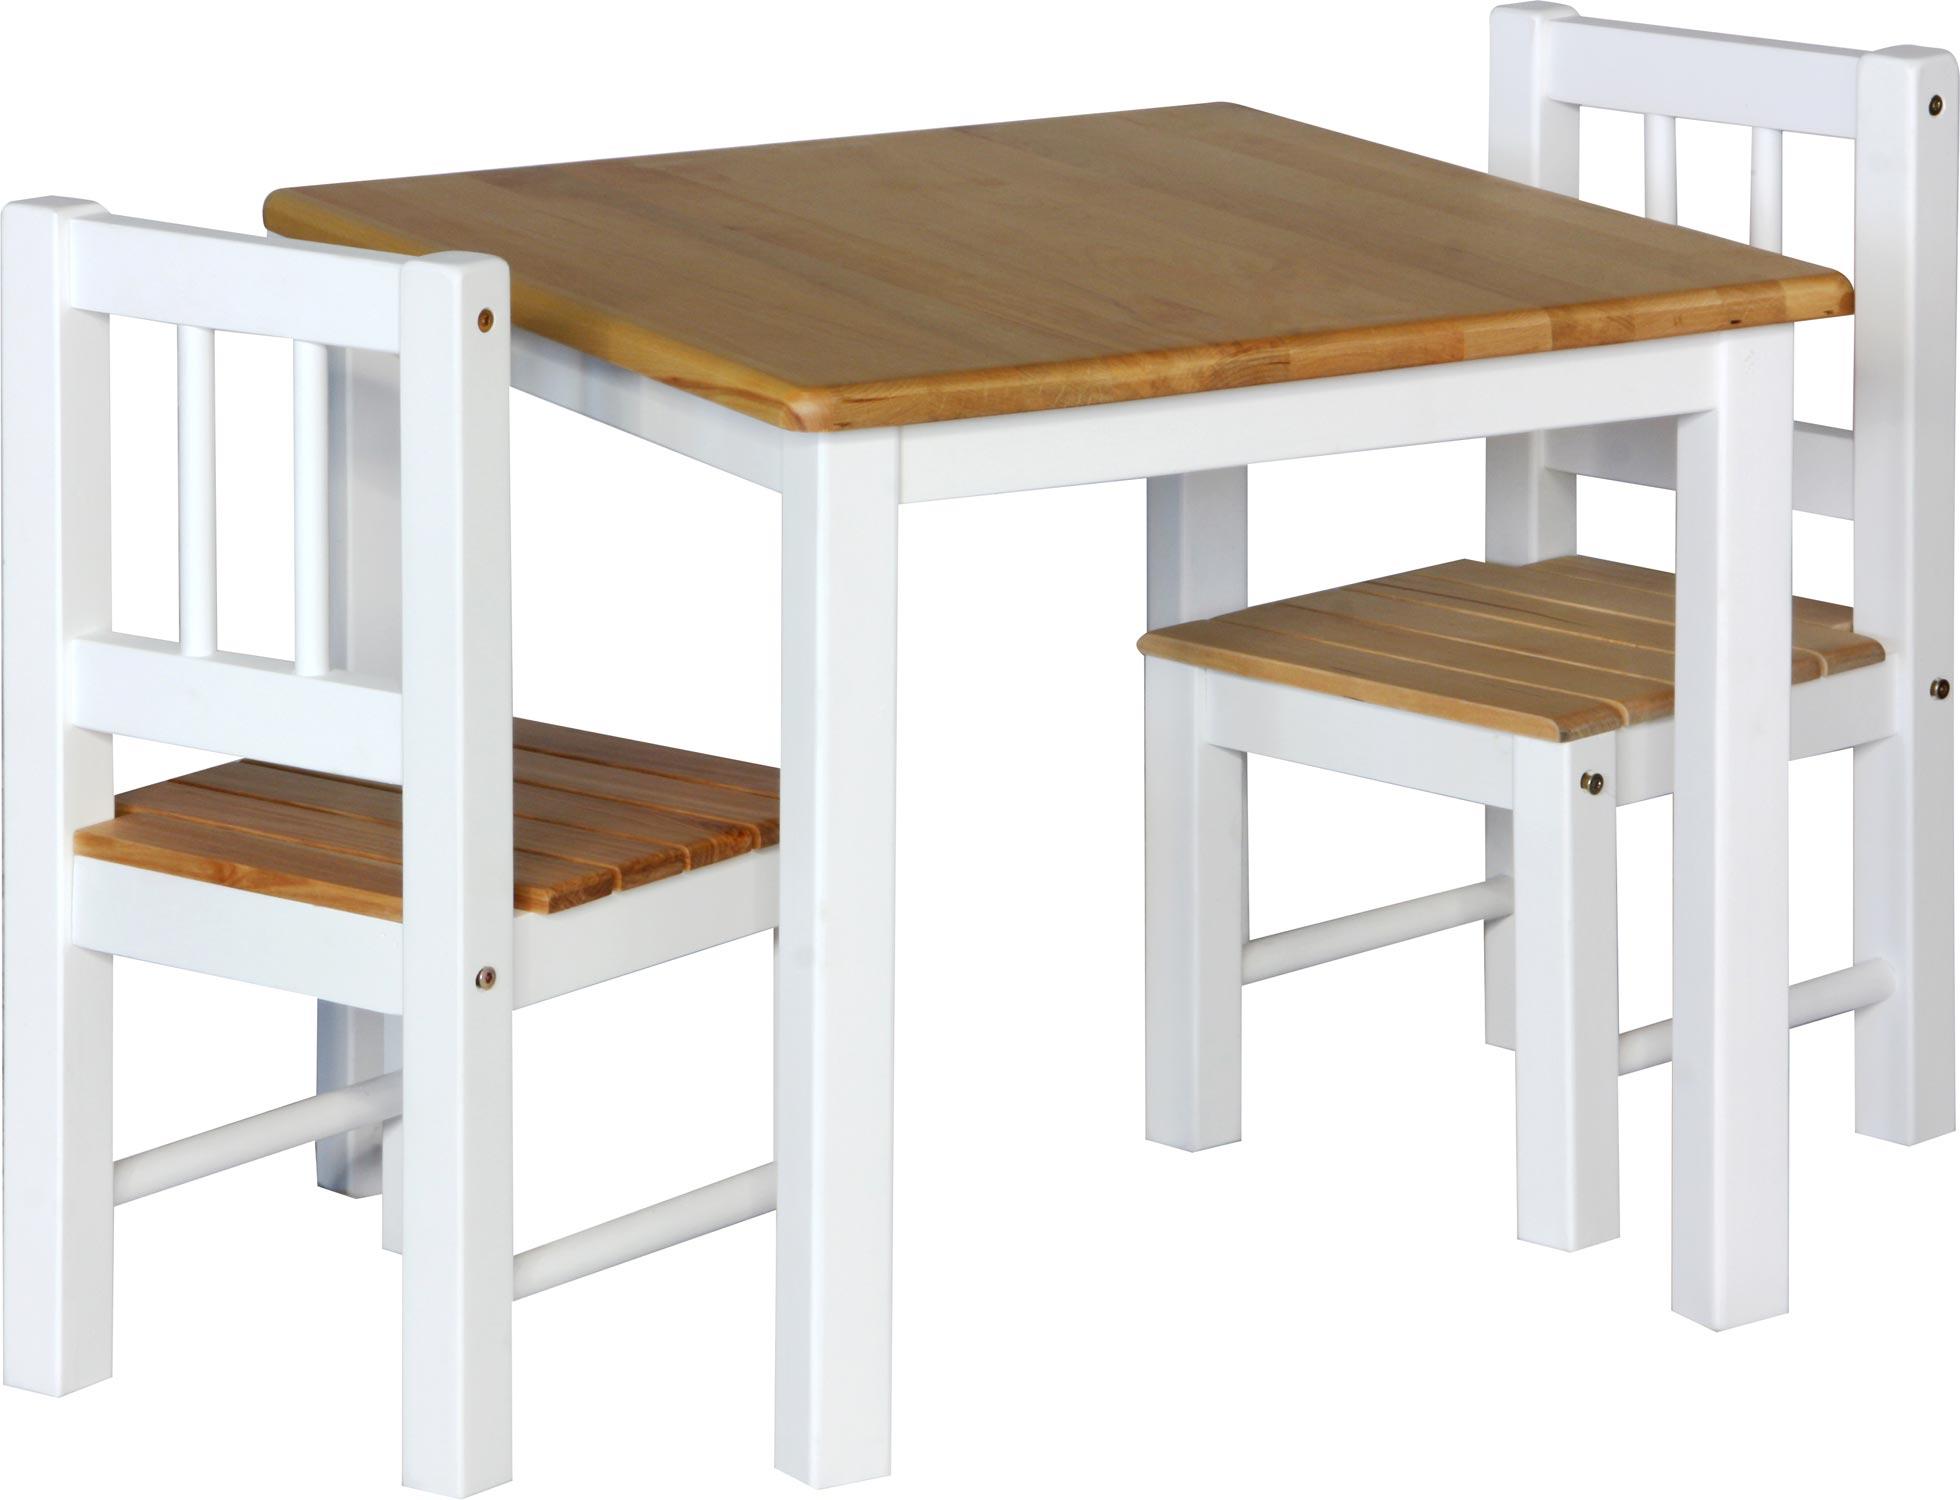 Set di mobili per bambini noa tavolo e sedie con - Tavolo e sedia per bambini ...